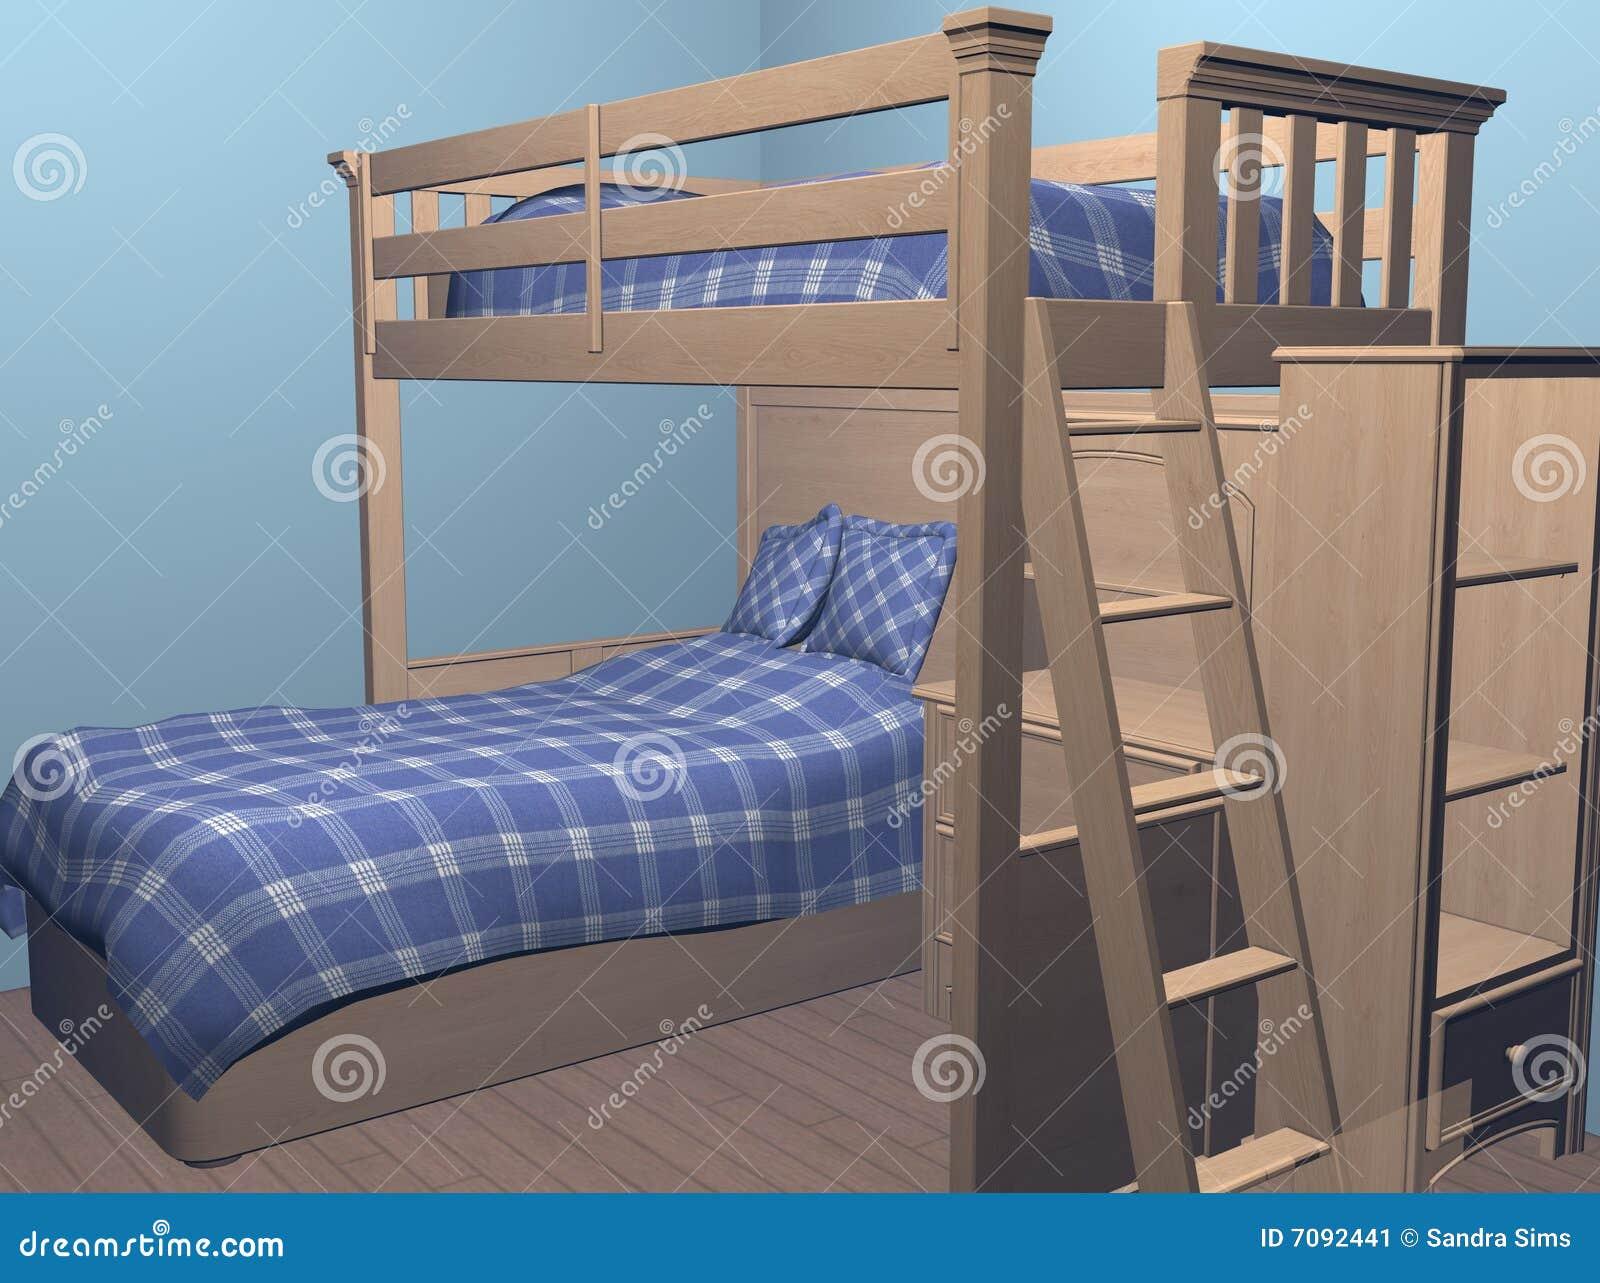 jungen schlafzimmer stock abbildung illustration von blau